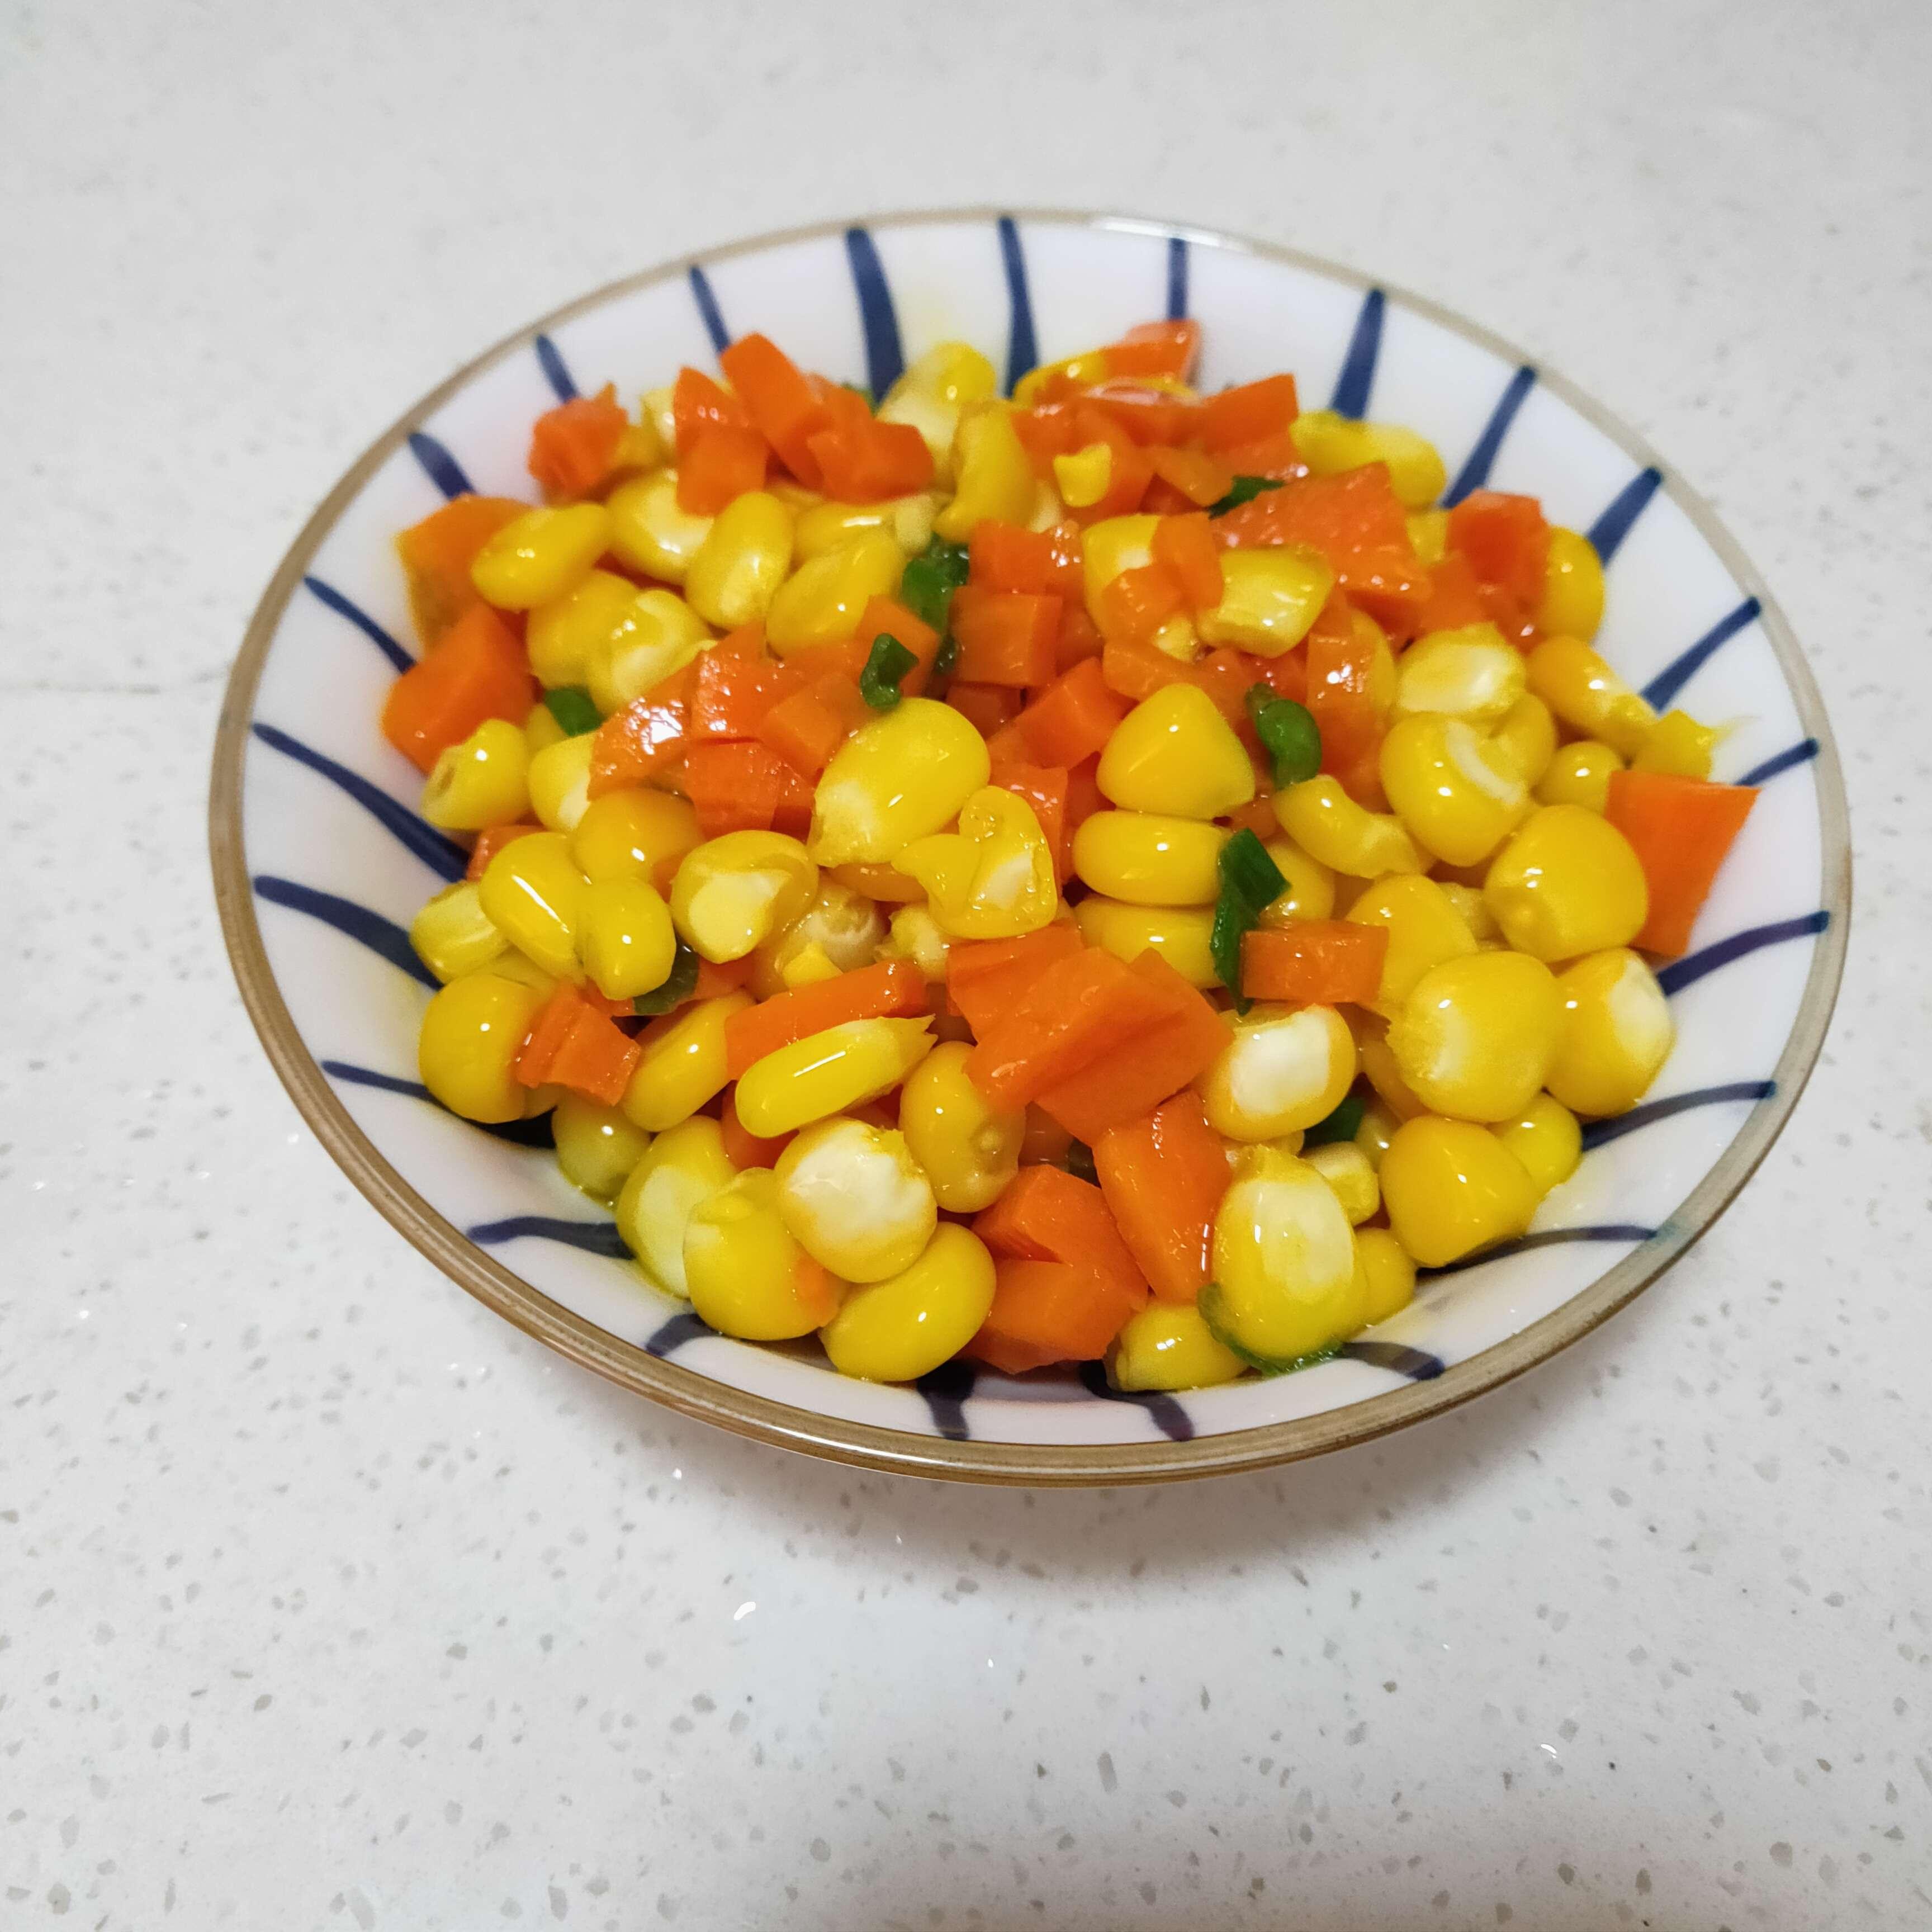 胡萝卜玉米粒怎么炒